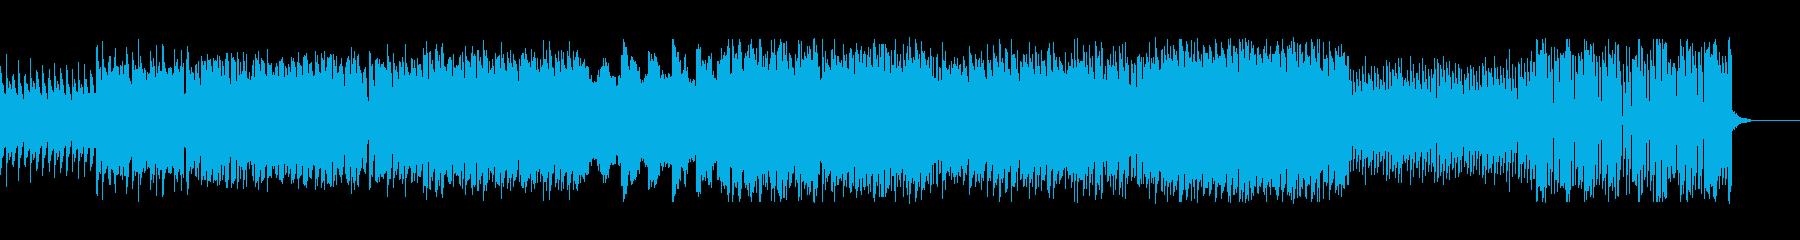 安定した雰囲気 前向きシンセBGMの再生済みの波形